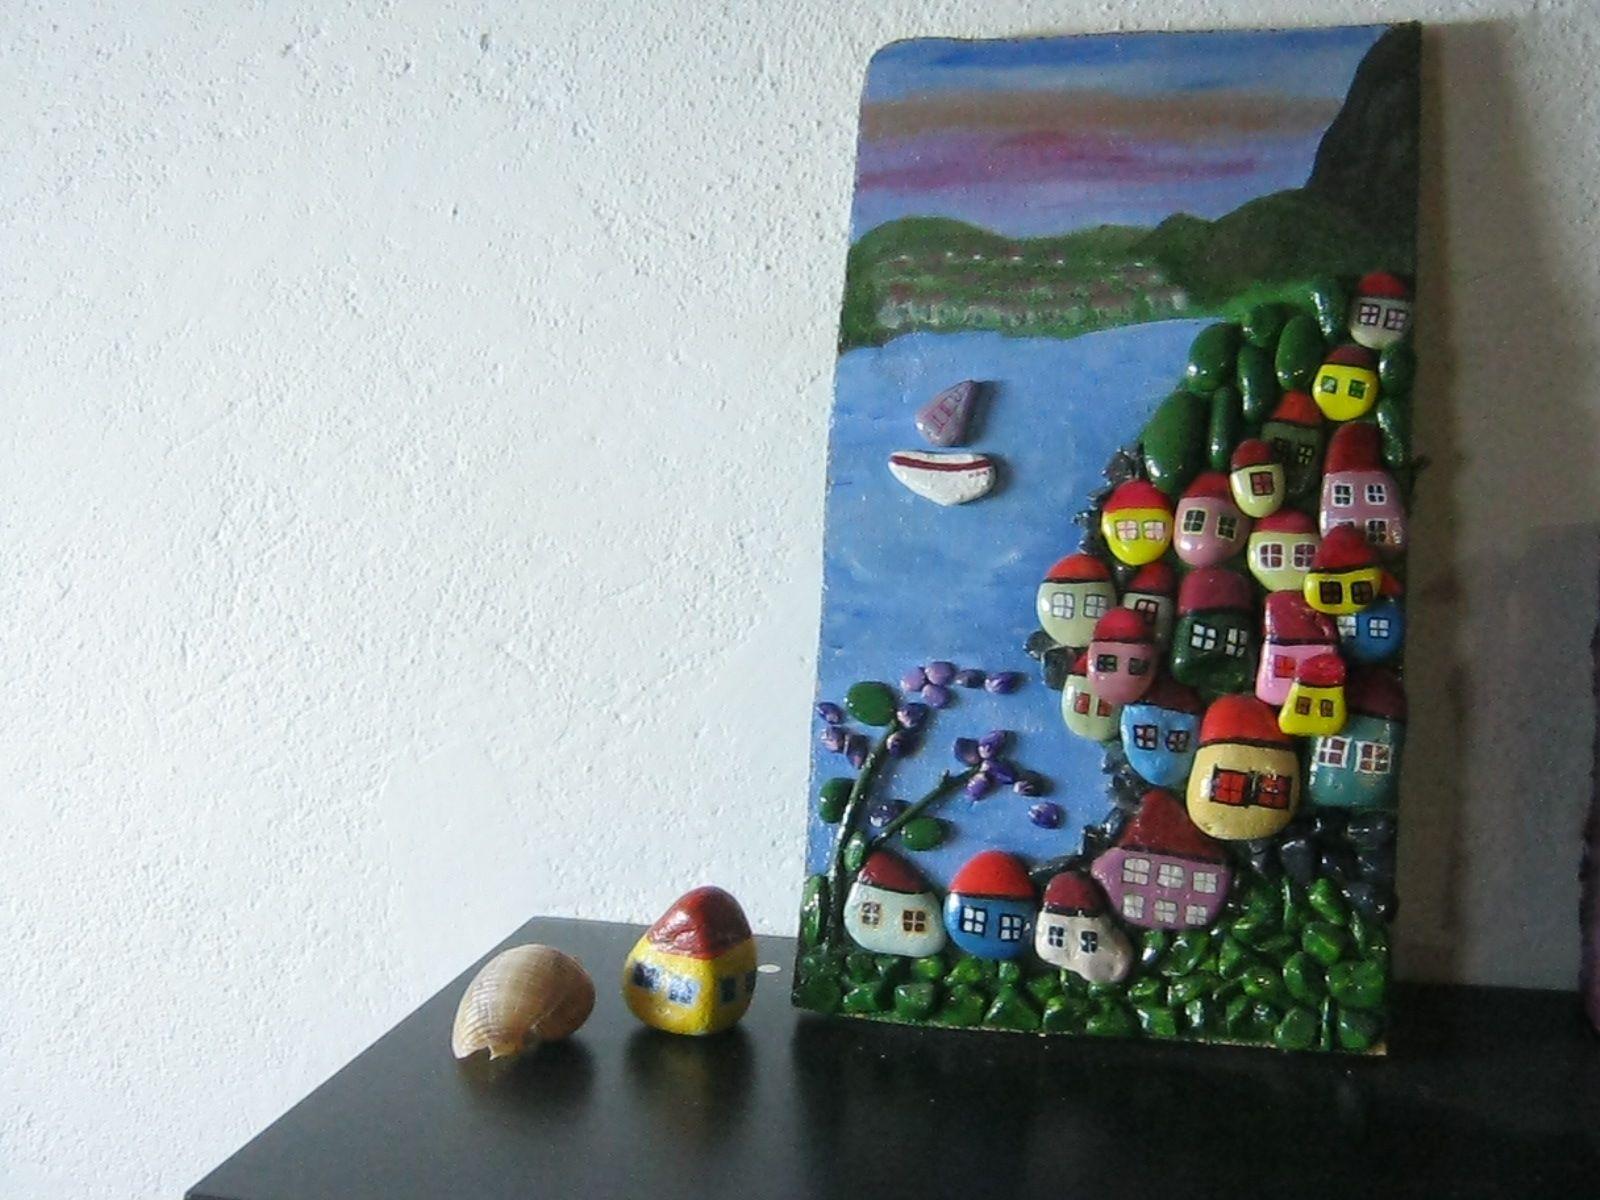 Tas Boyama Tablo Con Imagenes Piedras Pintadas Piedras Cuadros